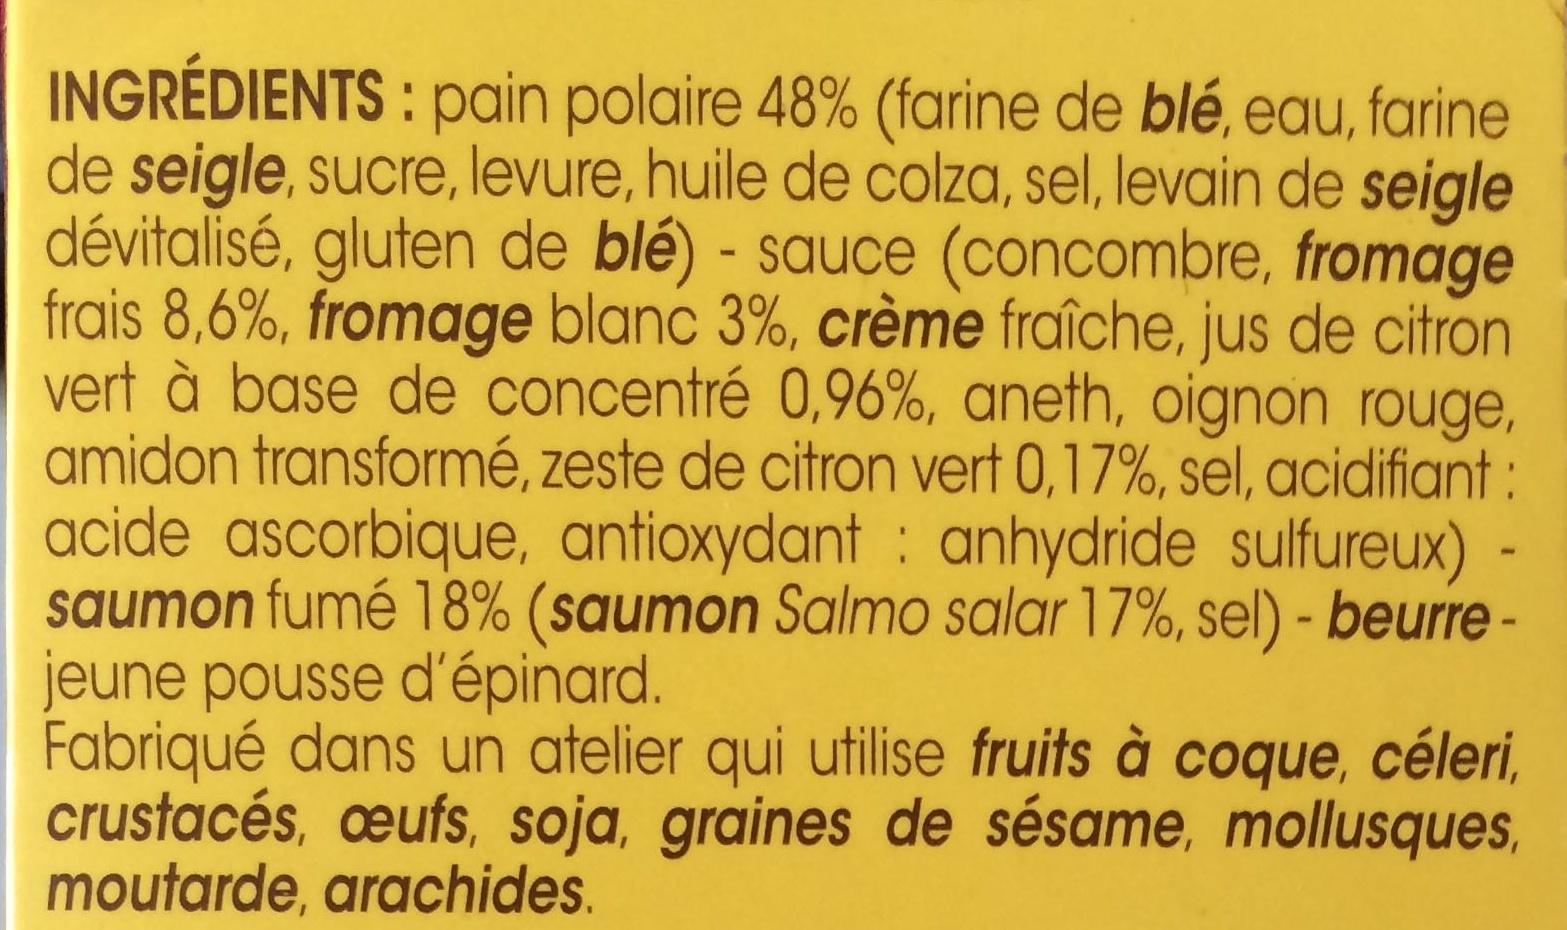 Le Saumon Fumé Fromage Frais et Citron Vert Pain Polaire - Ingredients